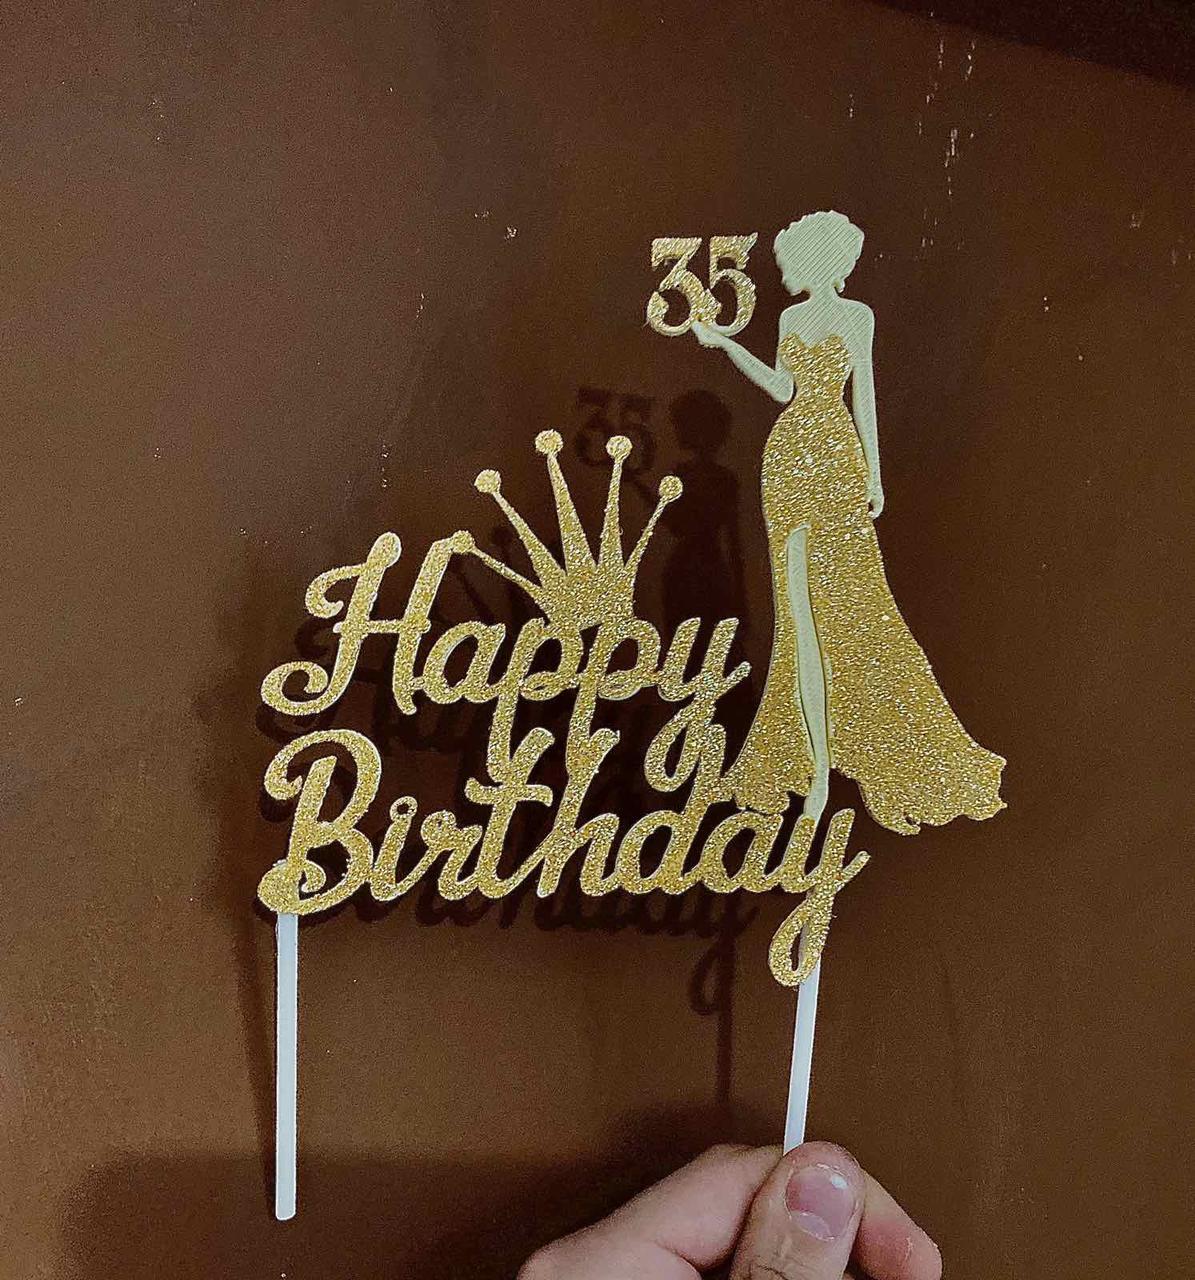 Топпер спеціальний Happy birthday | | Топпери з | Топпери з Днем народження для дівчини